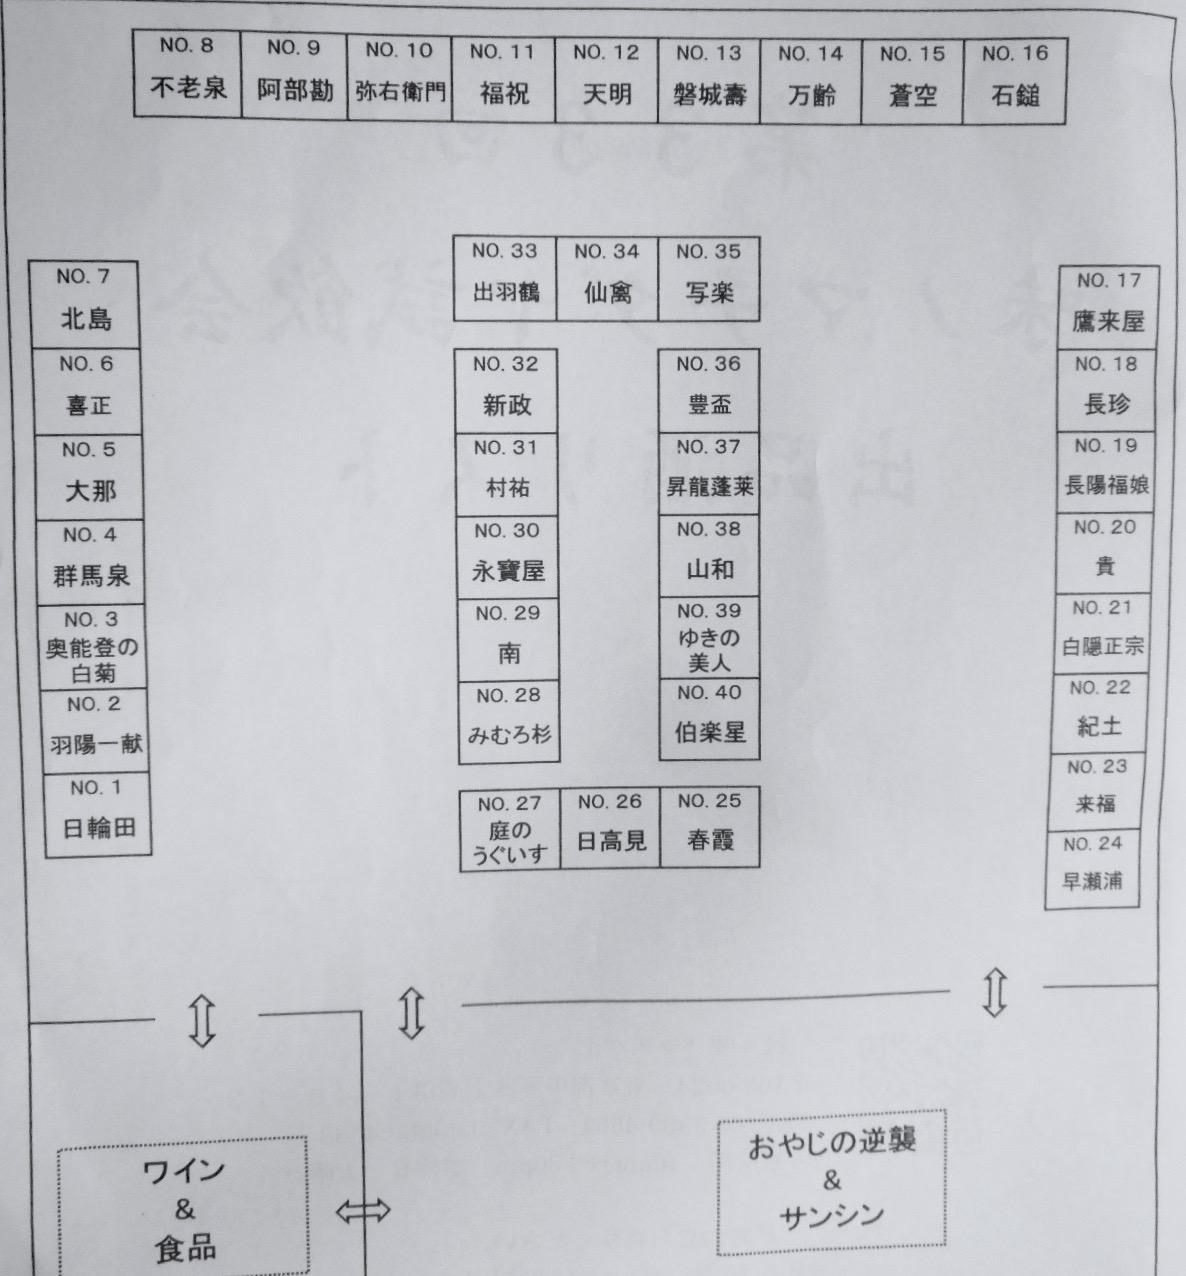 マチダヤ試飲会2016会場6